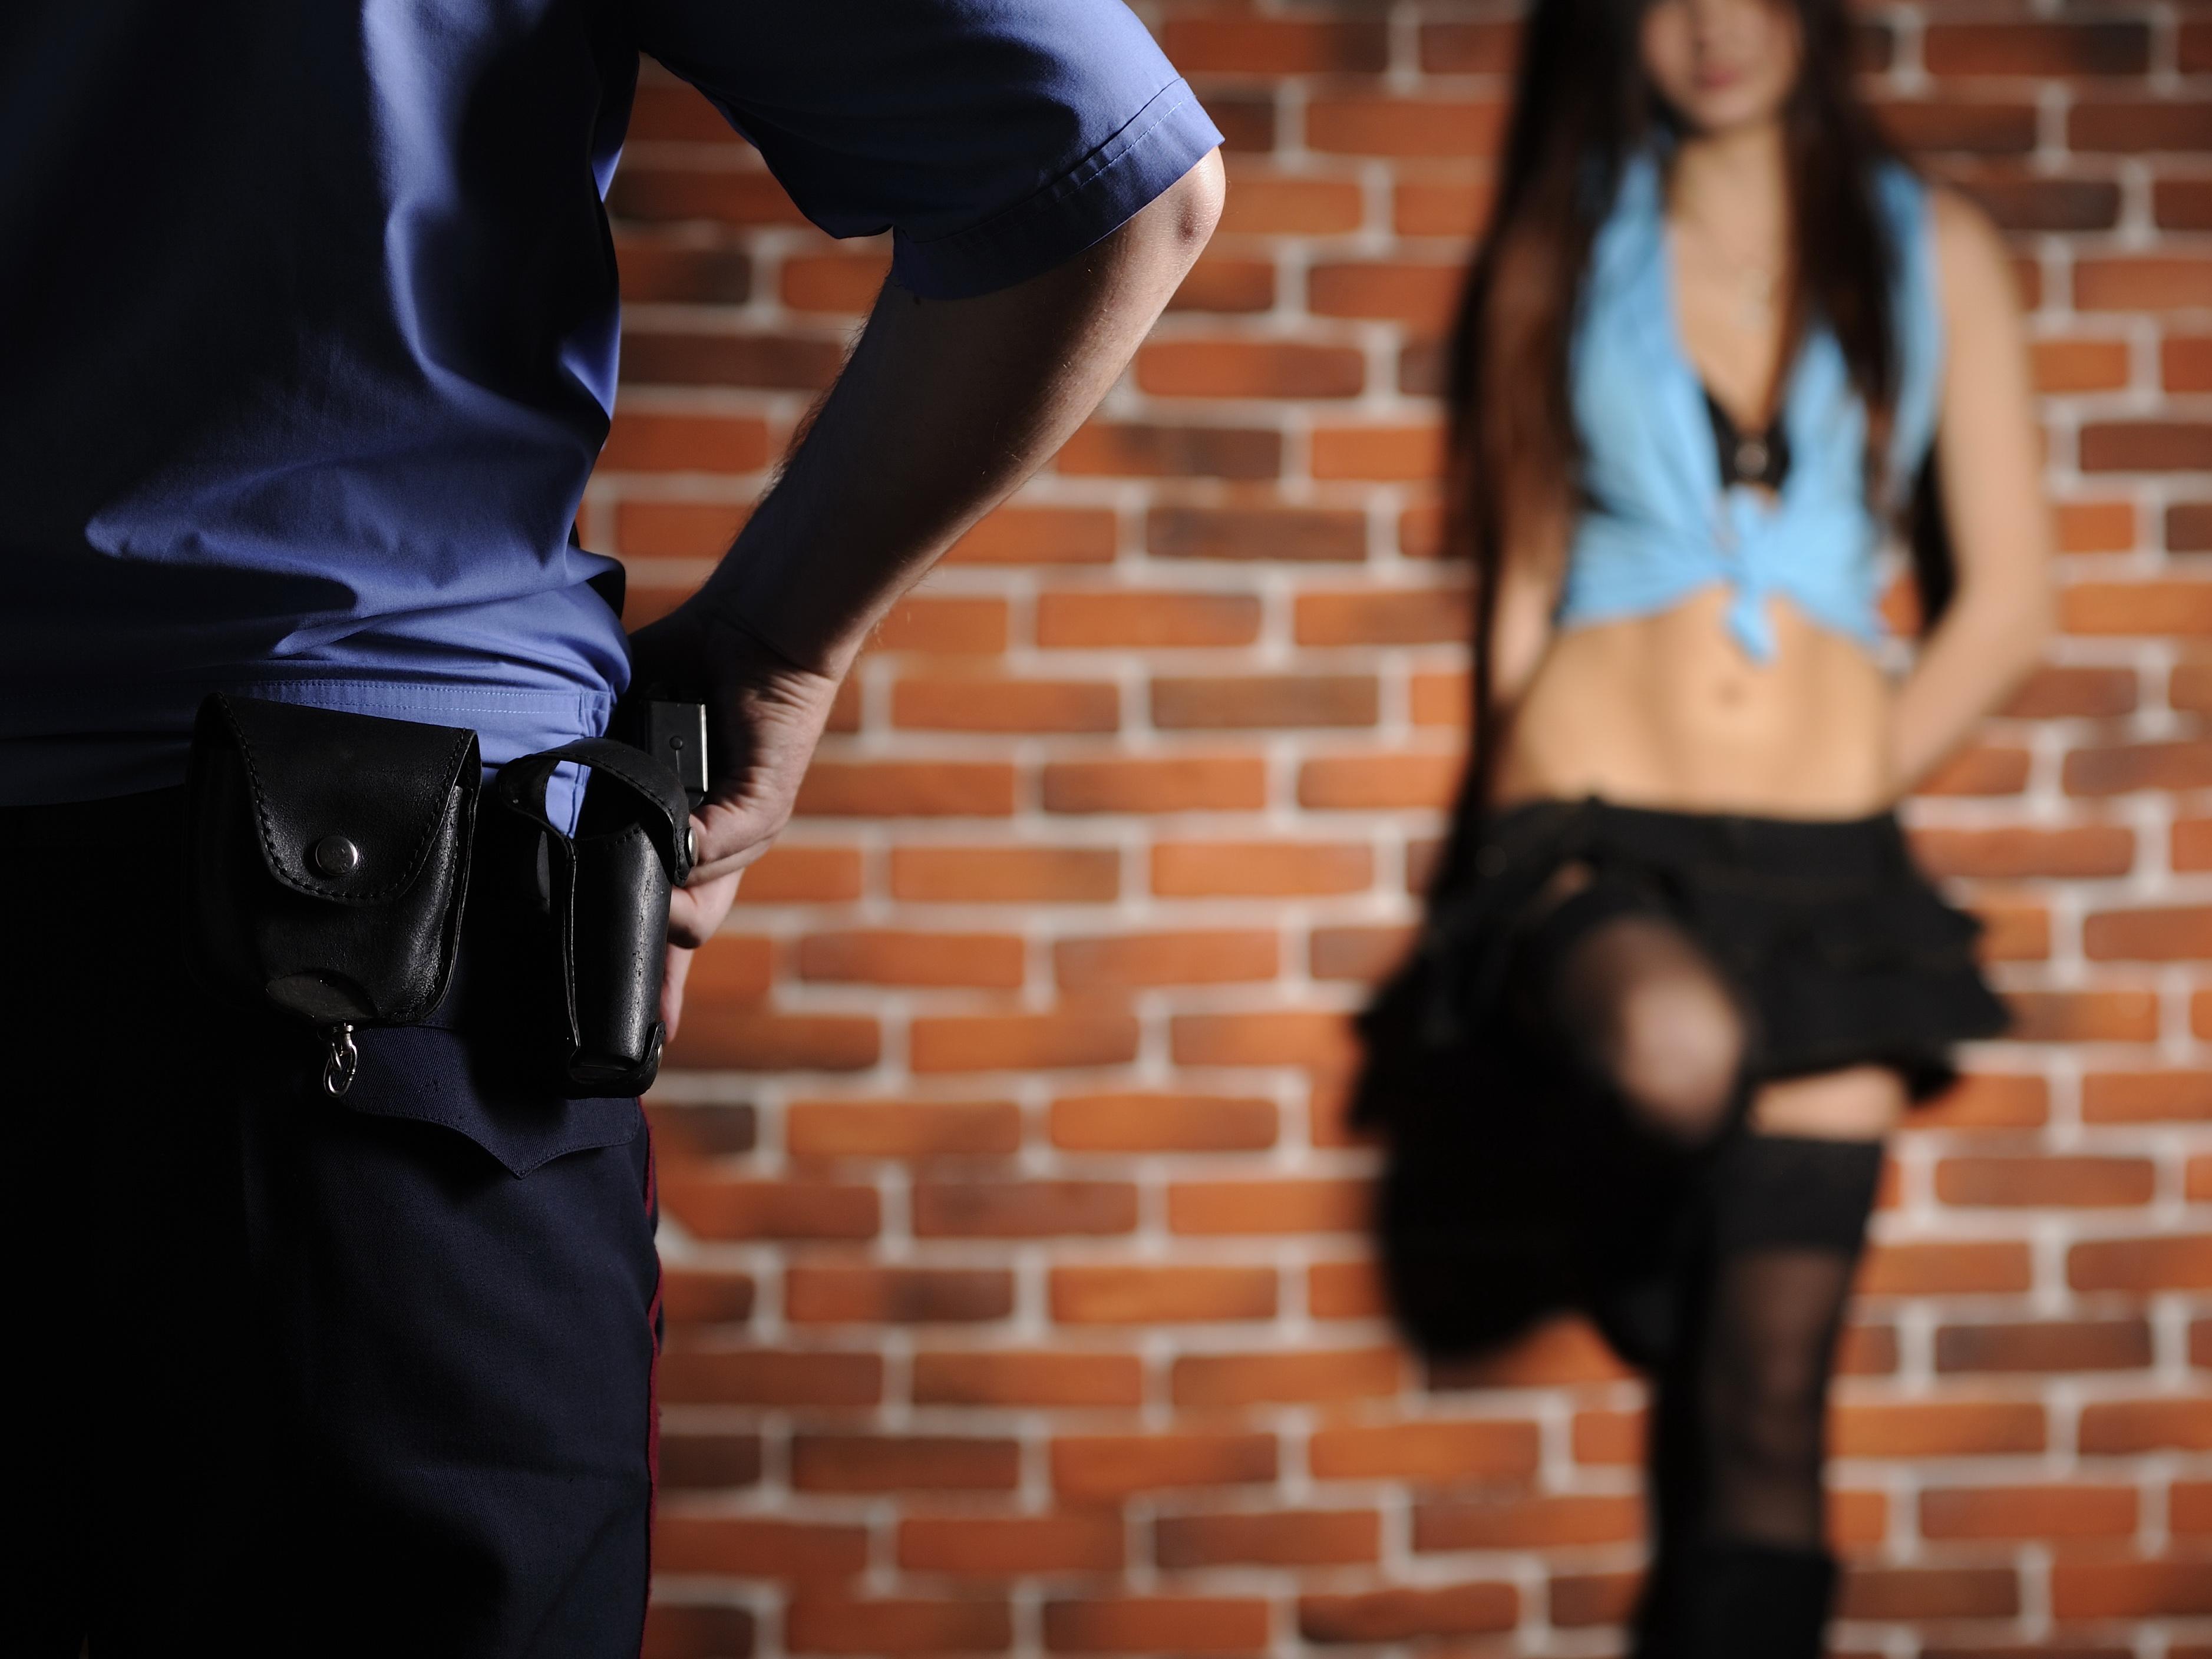 В Армении ведется борьба с проституцией – Армянская участница конференции ПА «Евронест» в Баку